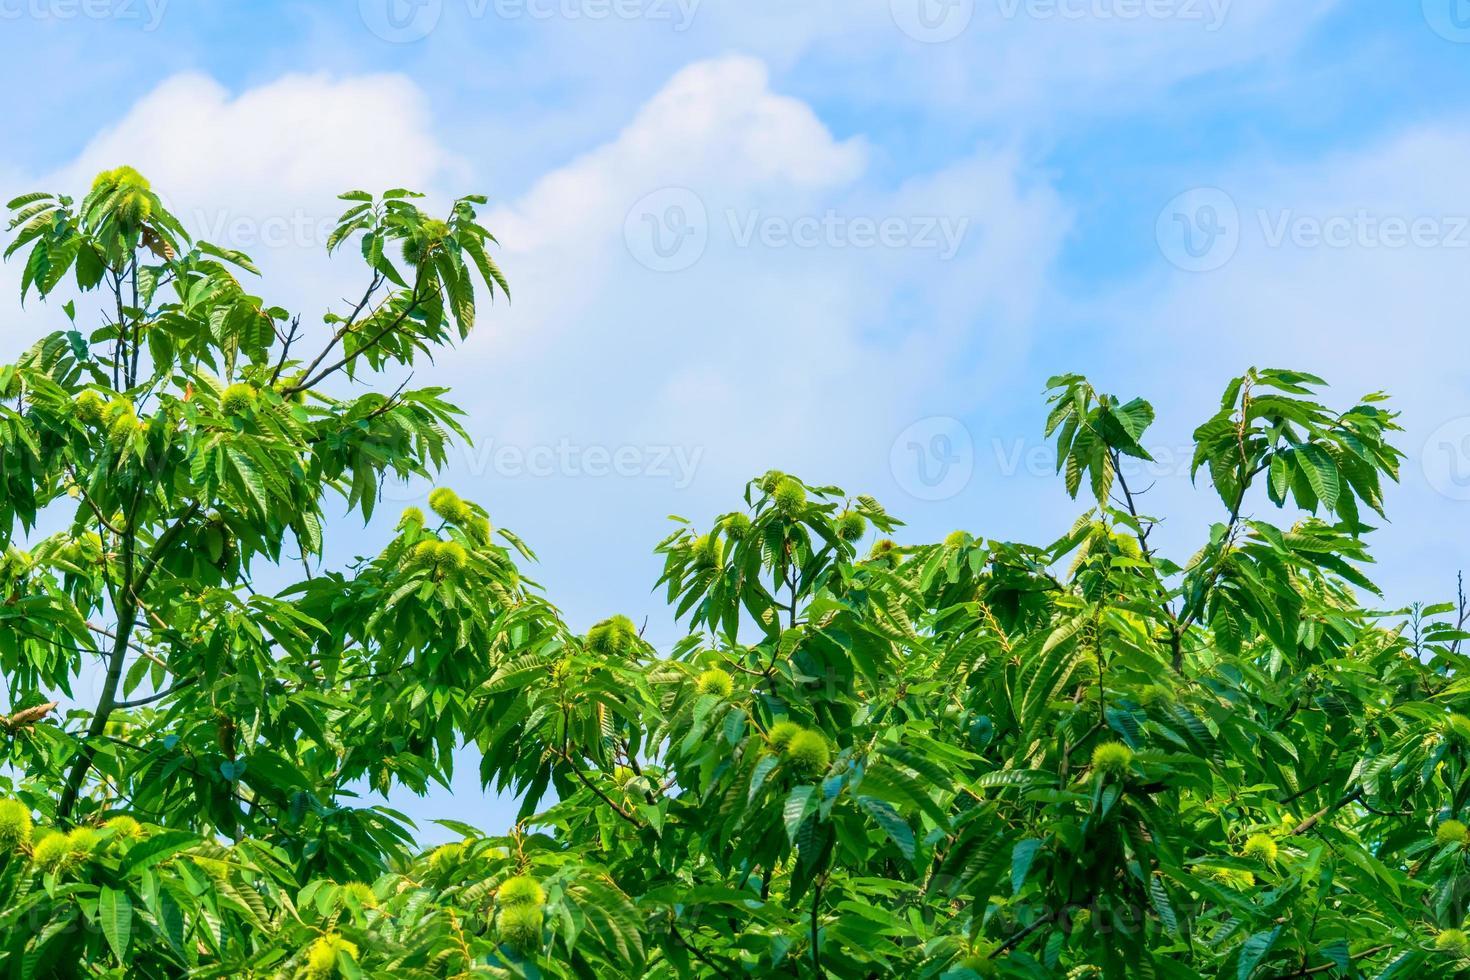 kastanjeträd och gröna kastanjer foto